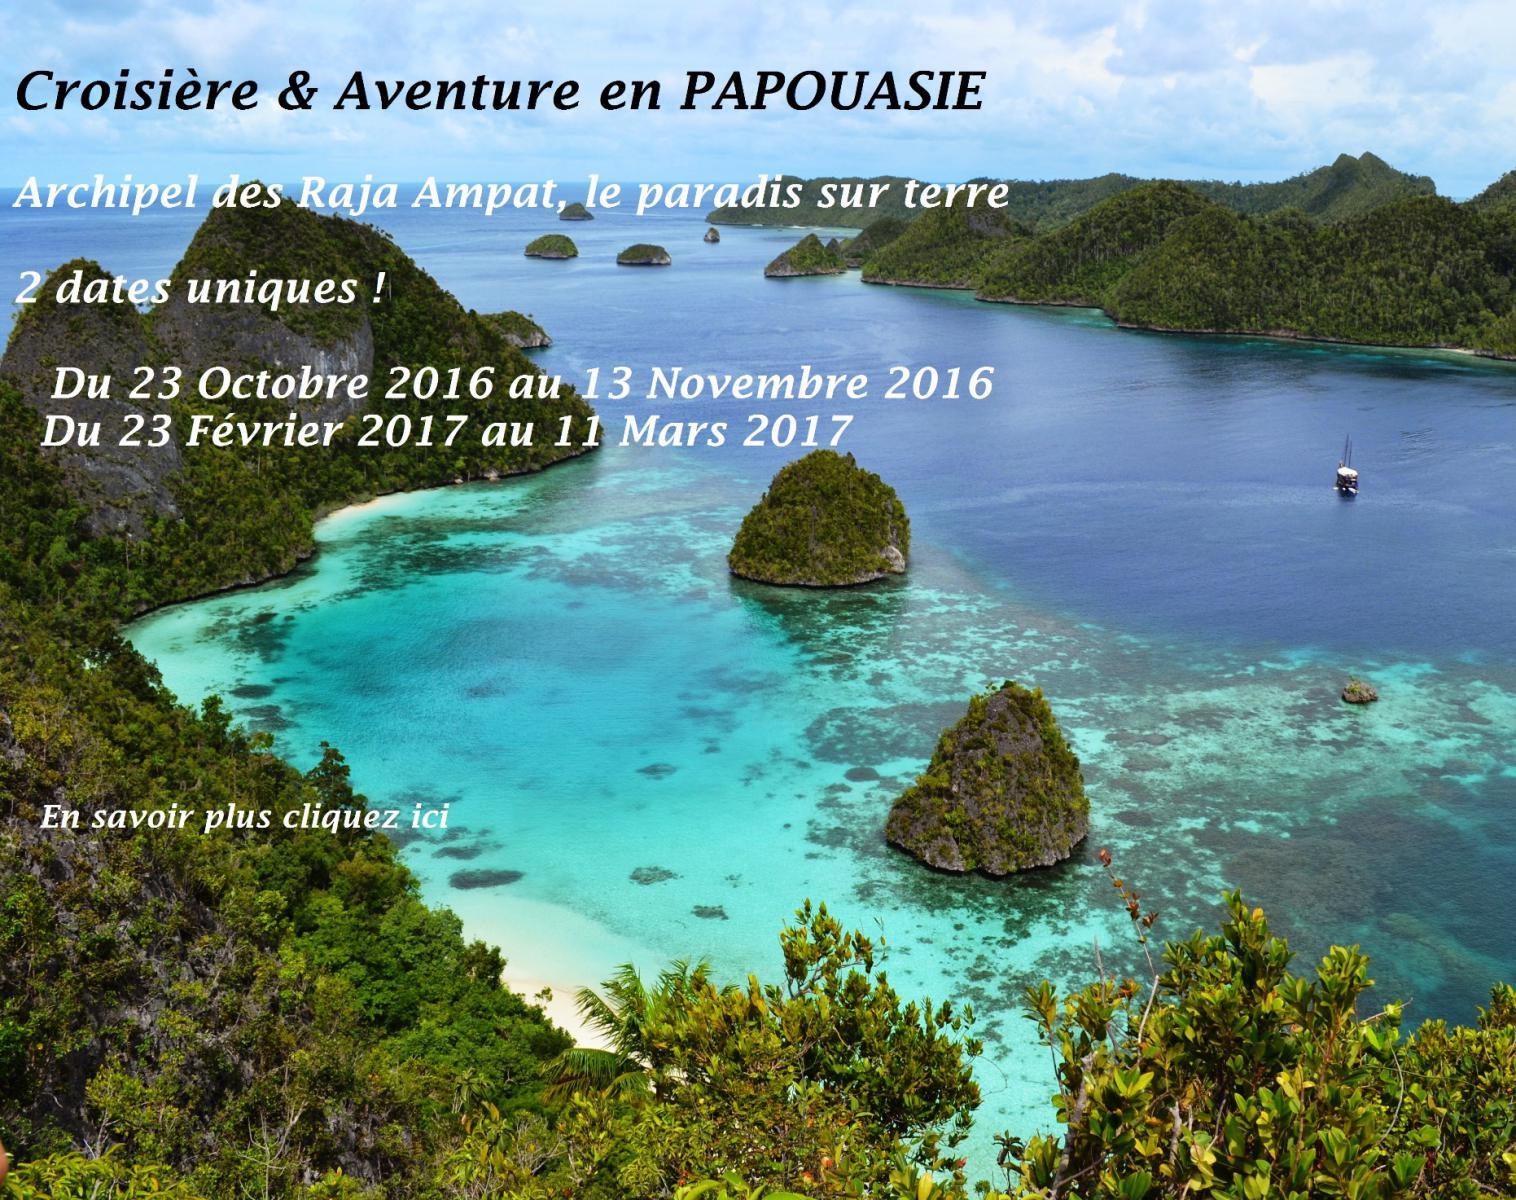 Papouasie l'archipel des Raja Ampat